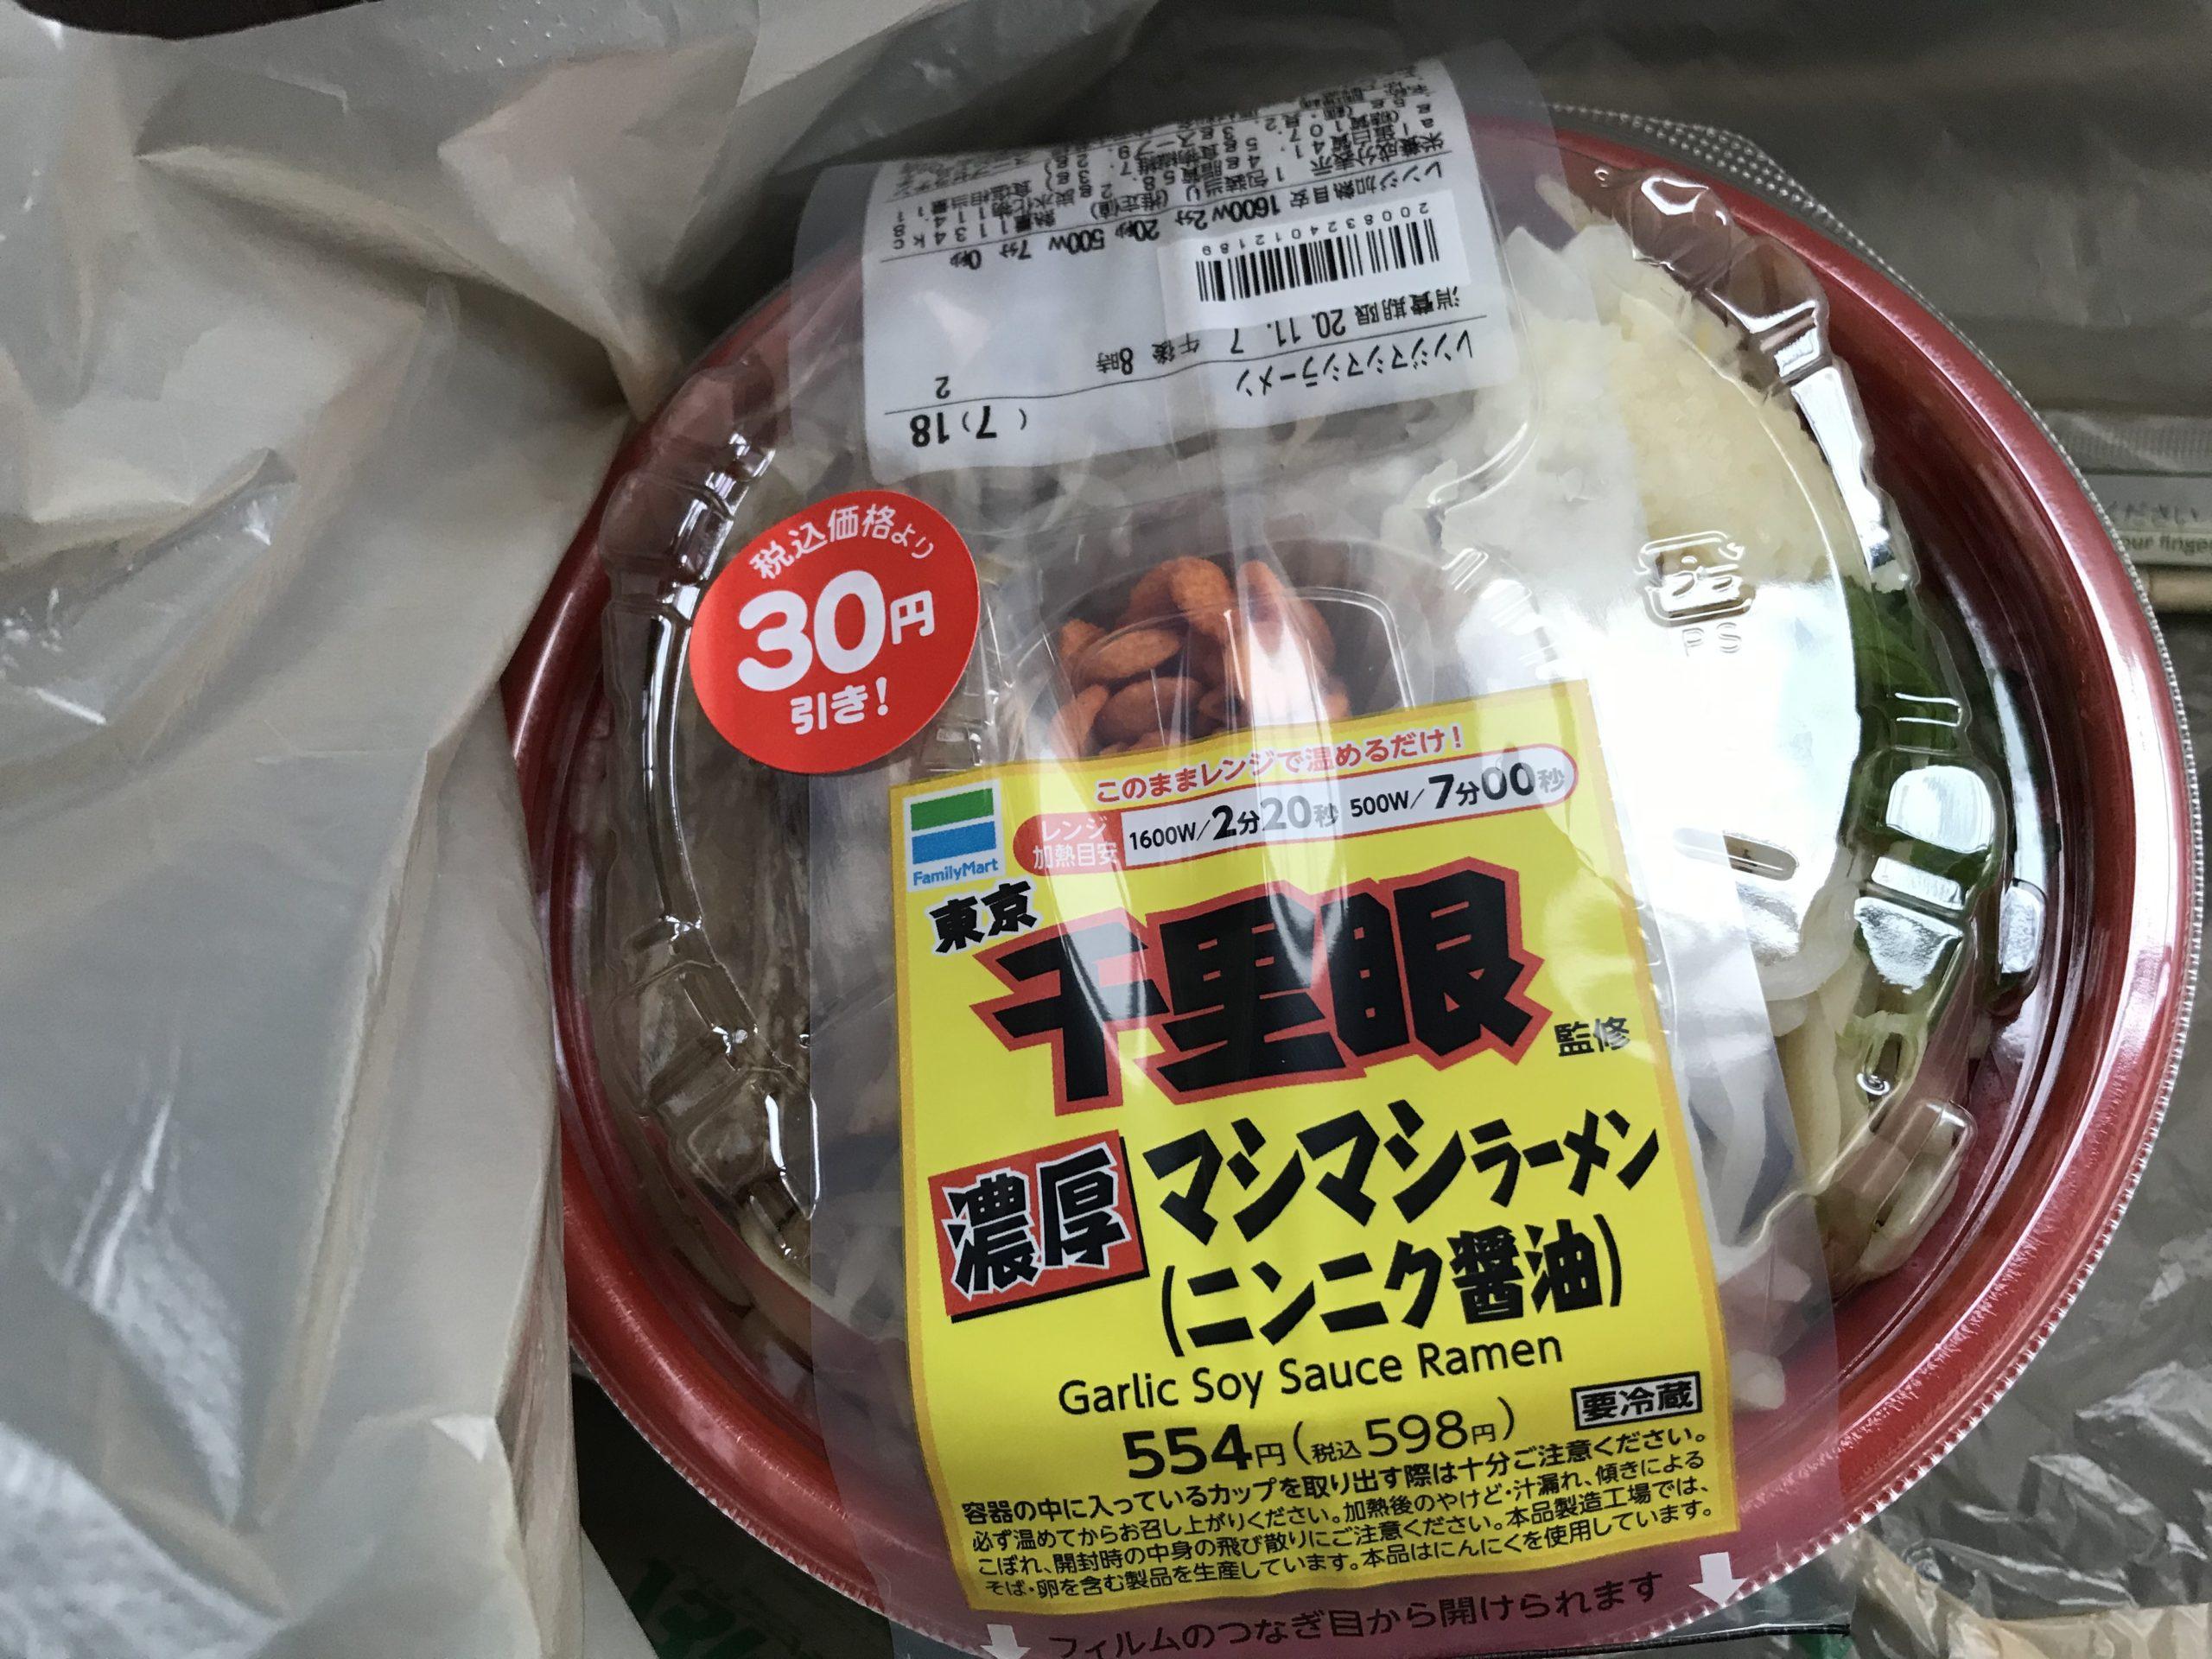 カロリーバカ高!のマシマシラーメンをファミマで買ってみた【THE家食】